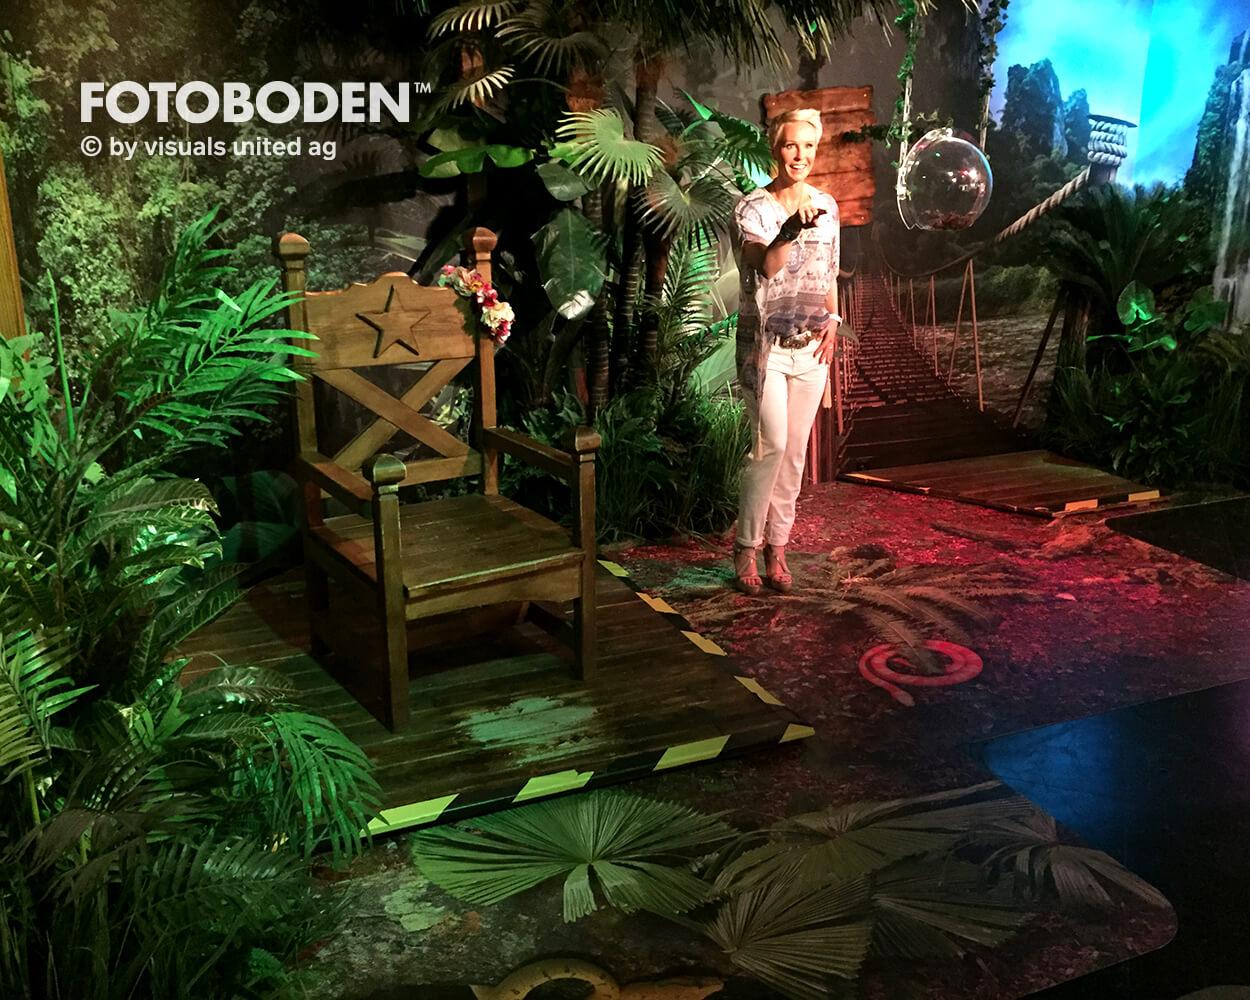 Madame Tussauds3 Ausstellung Museum  Raumkonzept Stimmung Museumsboden Ausstellungsboden Fotoboden Vinylboden Flooring Individuell Event